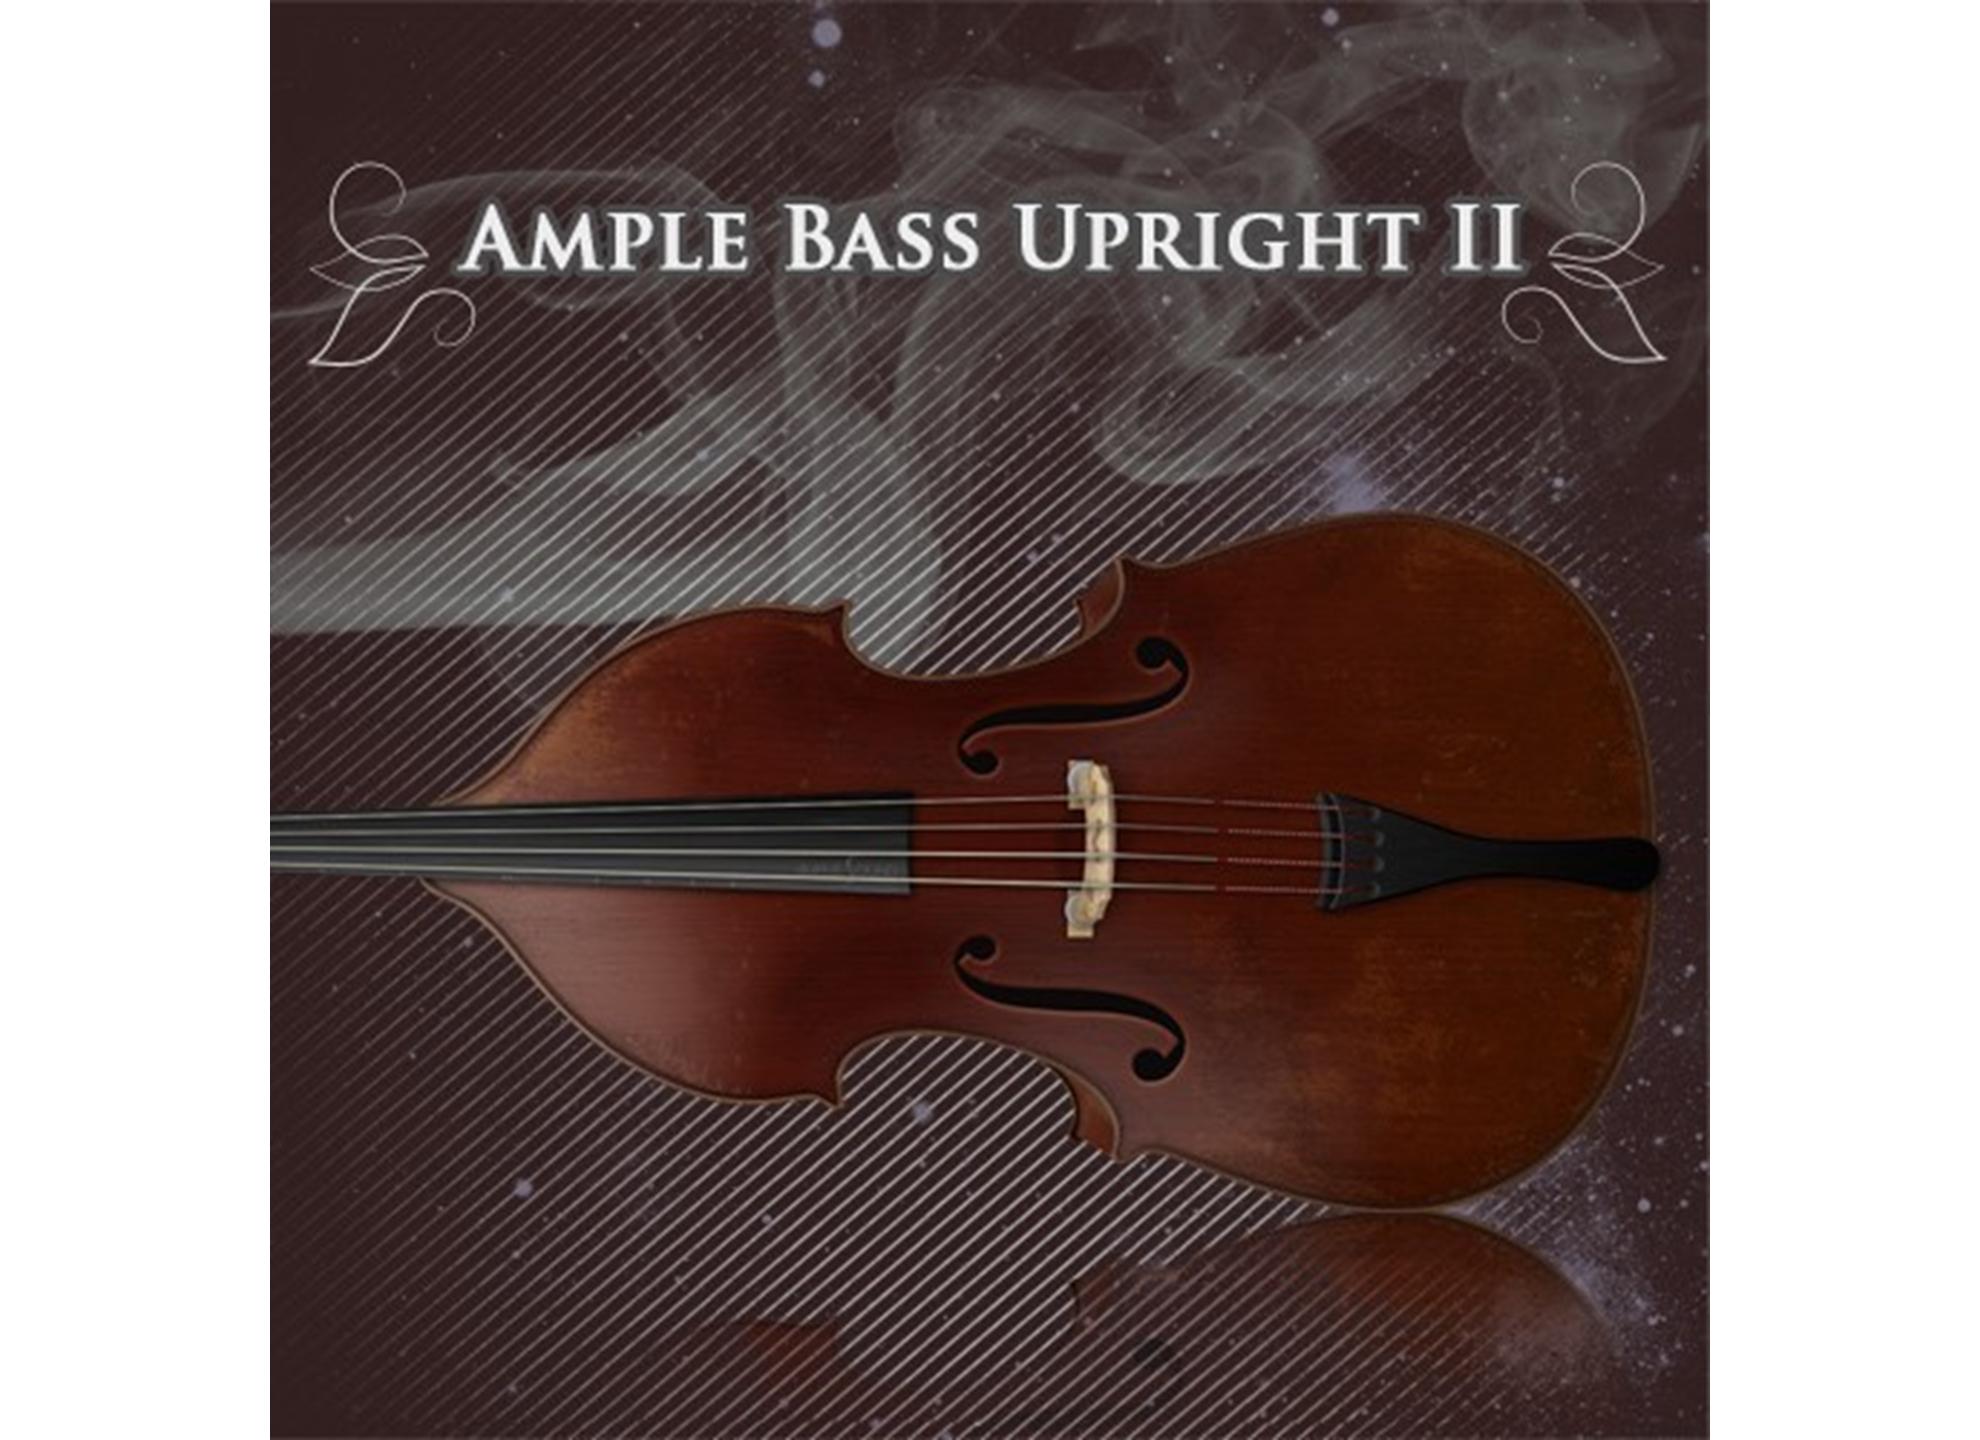 Ample Bass Upright - ABU